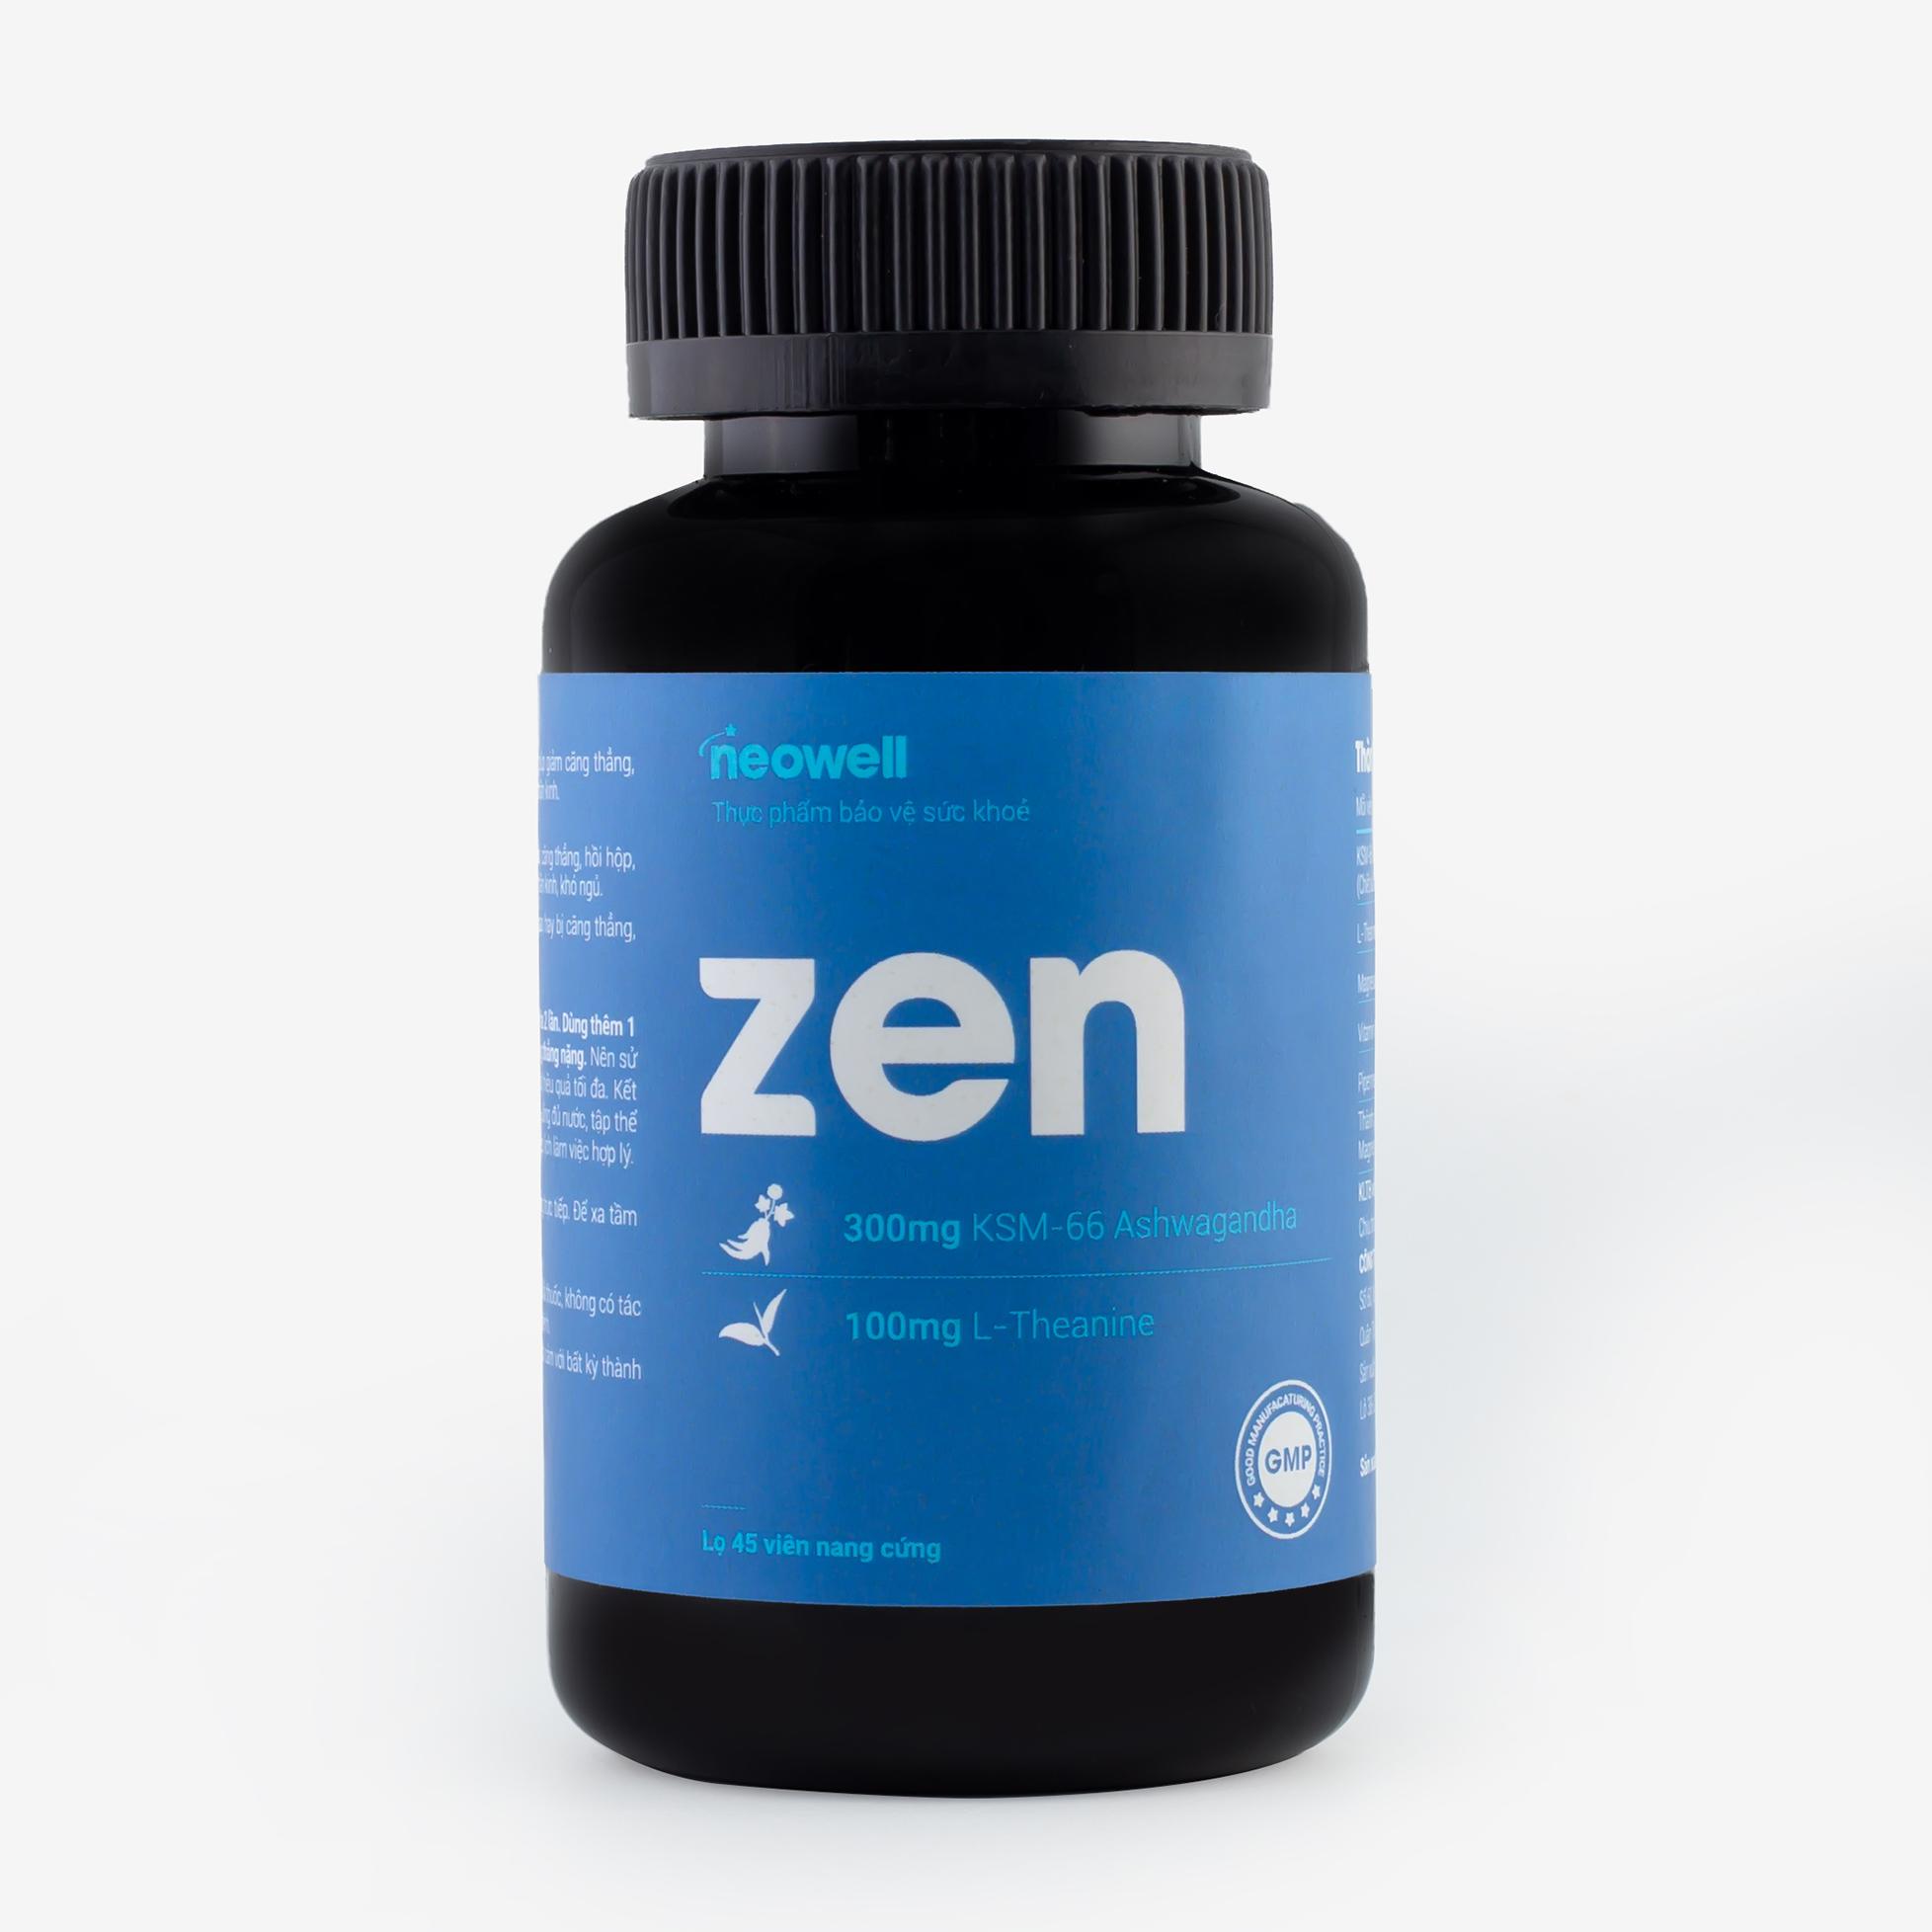 ZEN - Sản phẩm giúp hỗ trợ giảm căng thẳng